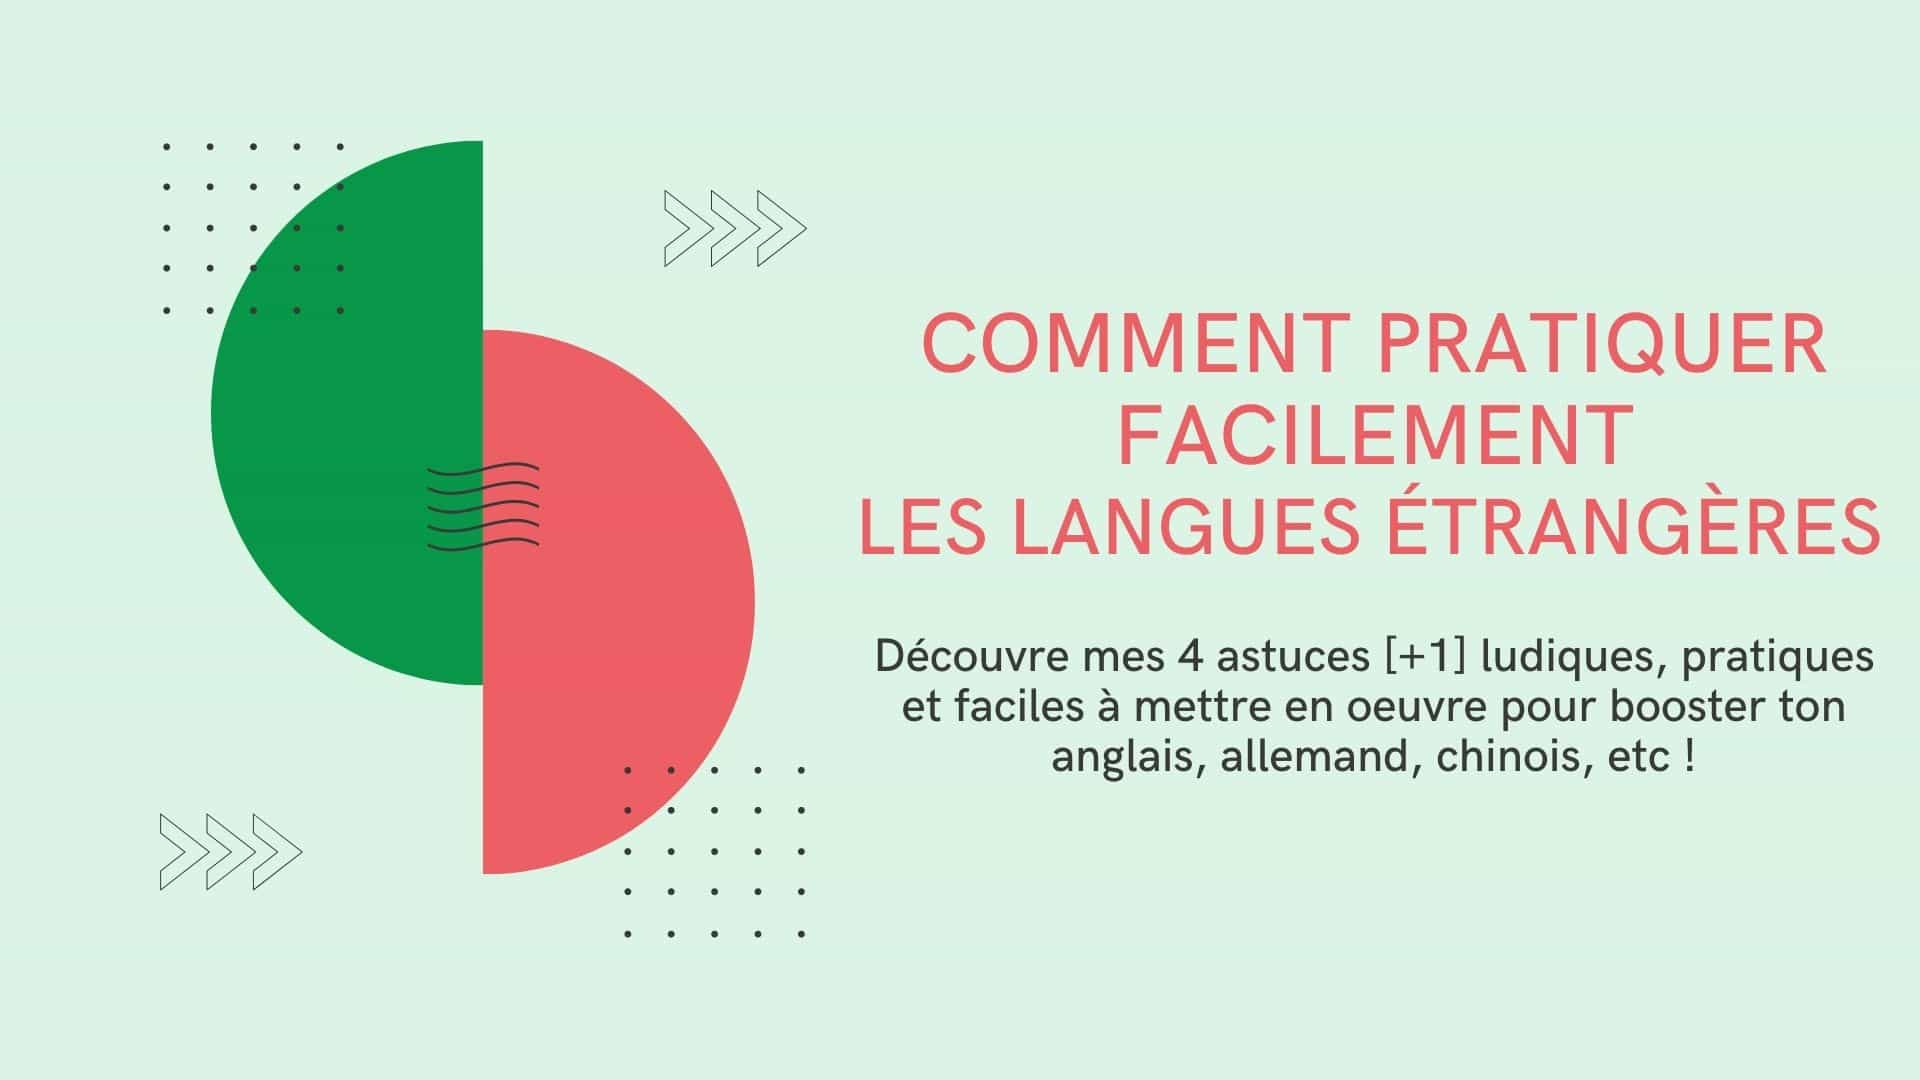 4 astuces pour pratiquer facilement les langues étrangères